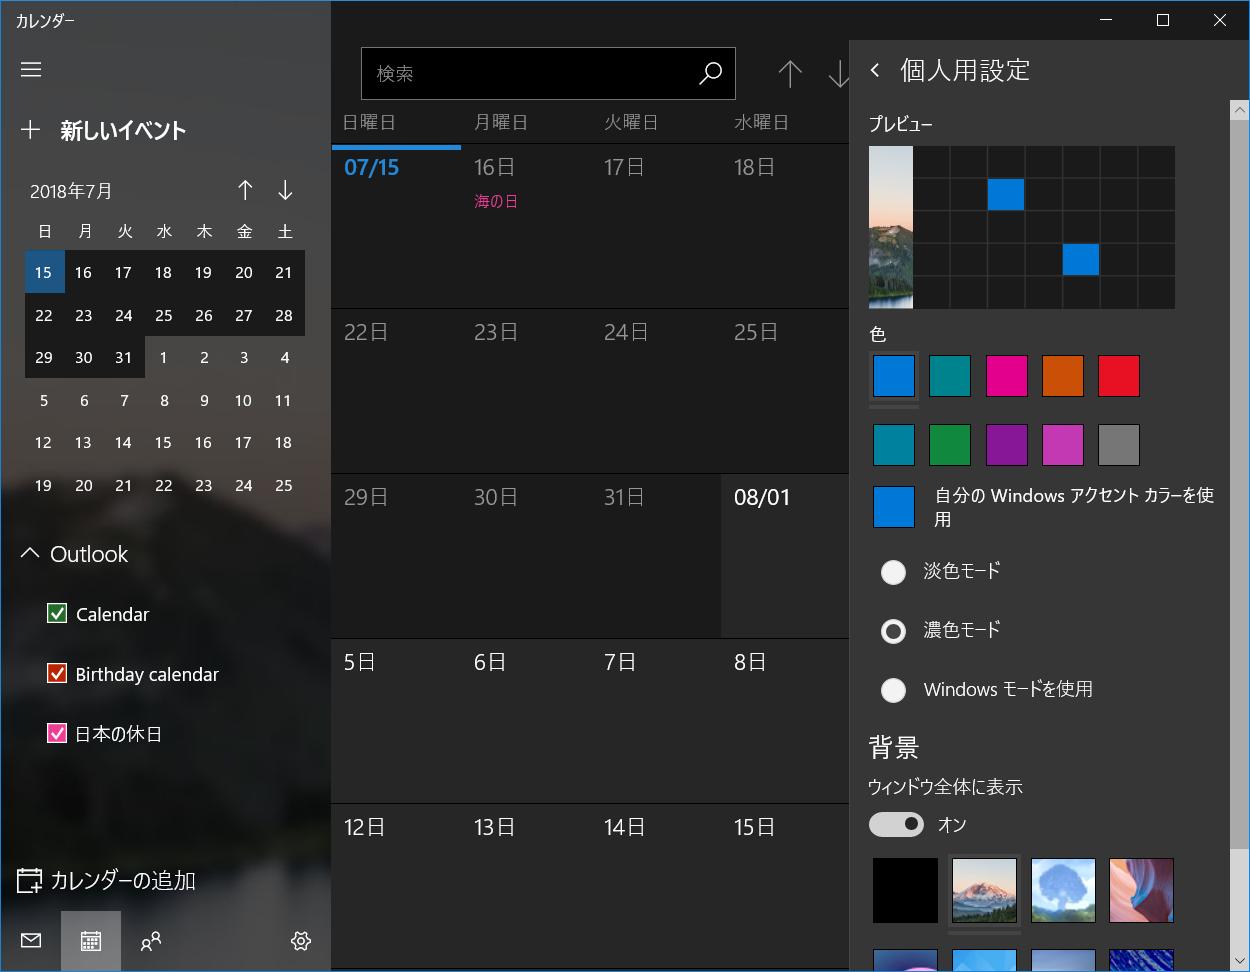 「カレンダー」アプリの[設定]ボタンから[個人用設定]をクリック。[濃色モード]を選択すると黒背景になる